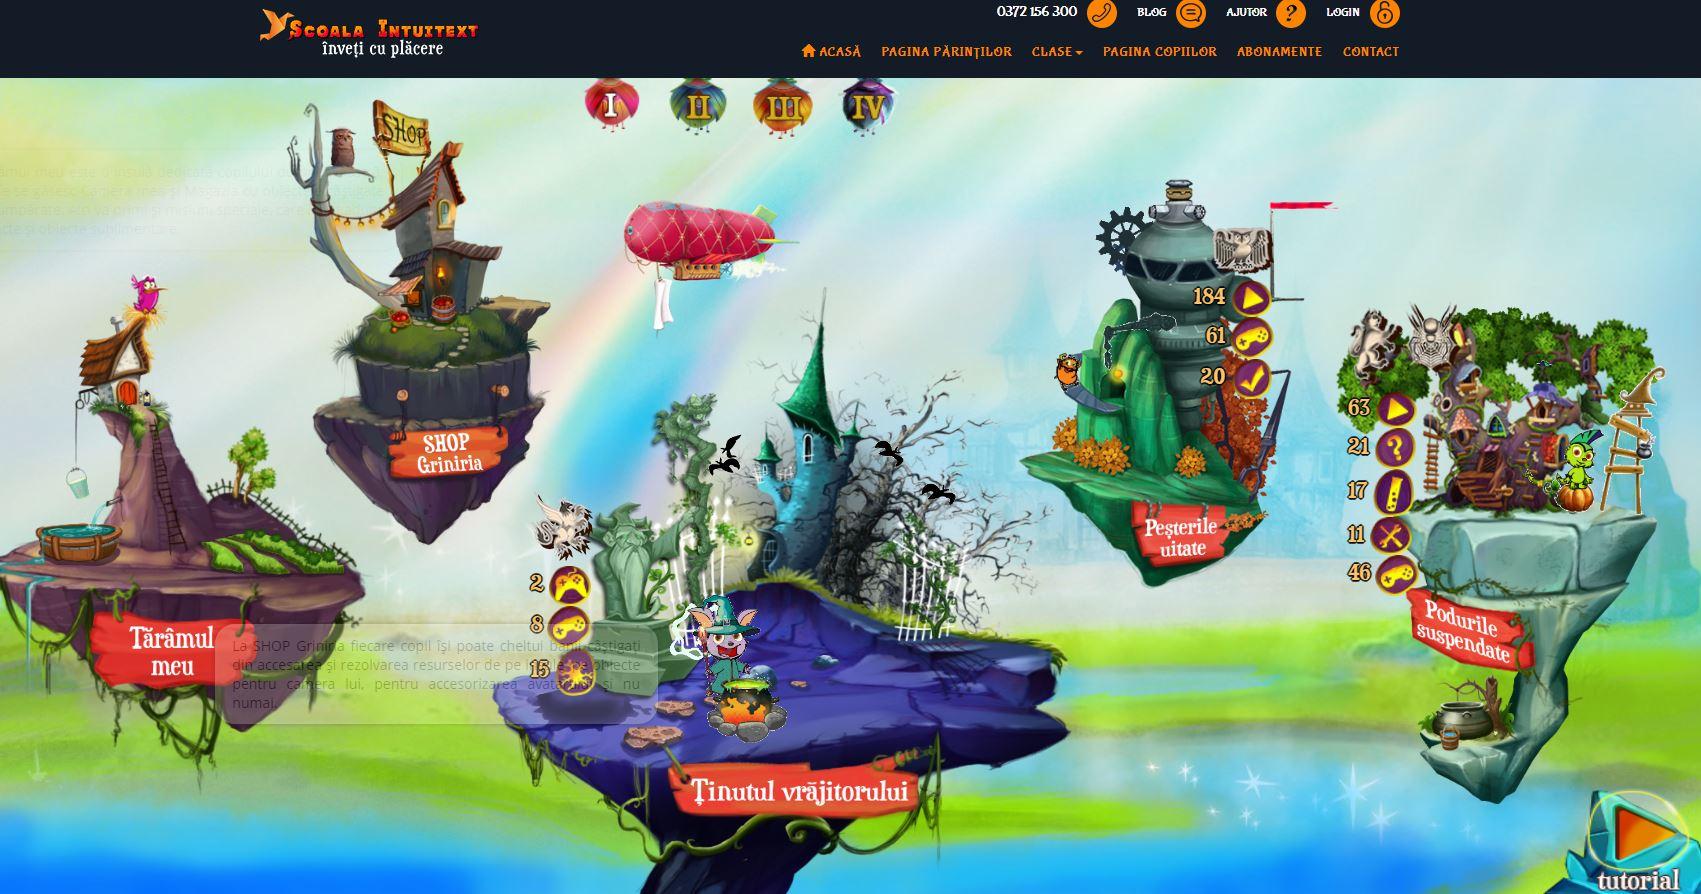 Noua versiune a site-ului educațional Școala Intuitext